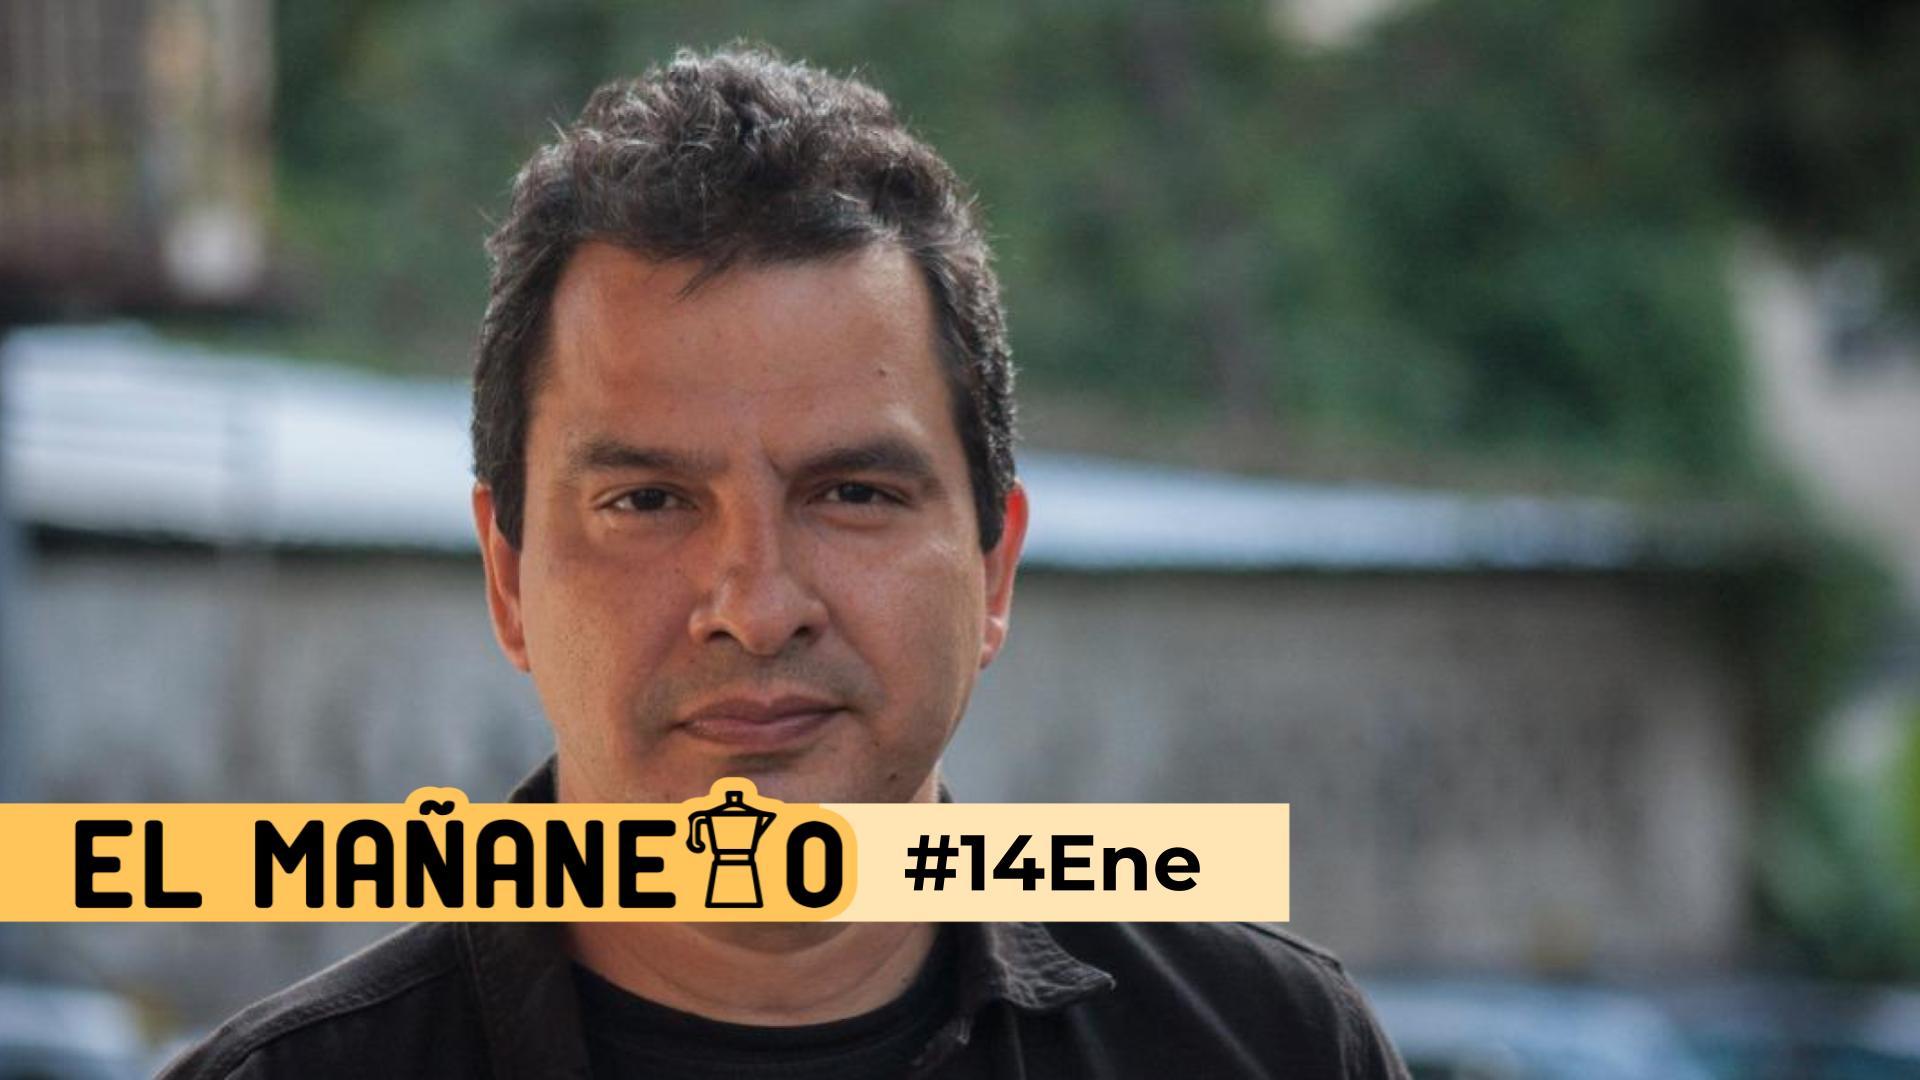 El Mañanero de hoy #14Ene: Las 8 noticias que debes saber